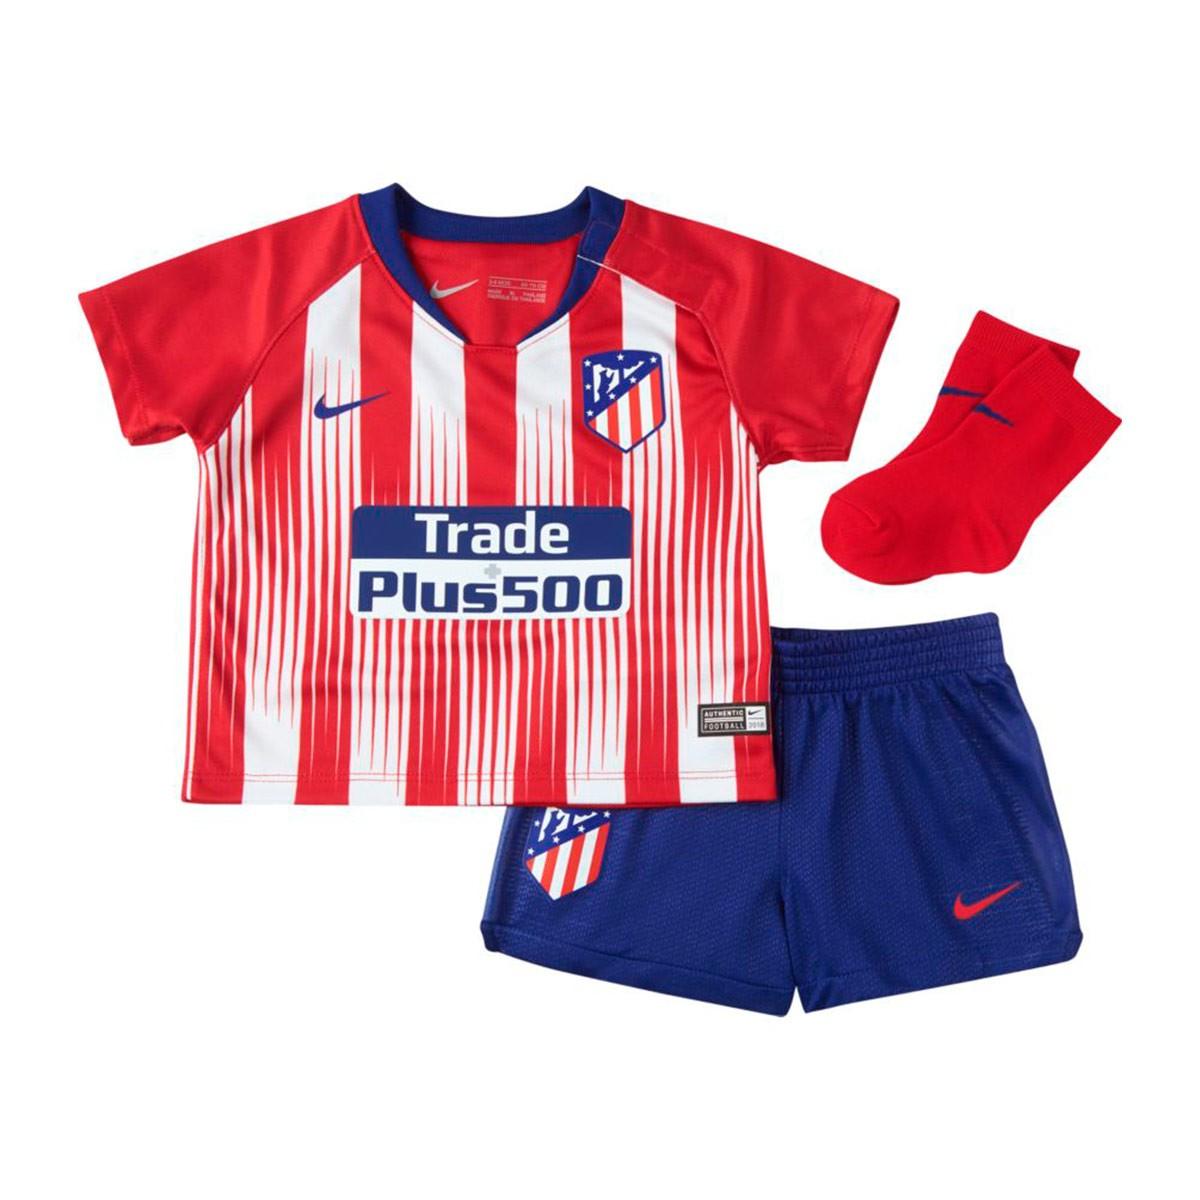 3960ca9c3465d Conjunto Nike Bebé Atlético de Madrid Primera Equipación 2018-2019 Sport  red-White-Deep royal blue - Tienda de fútbol Fútbol Emotion